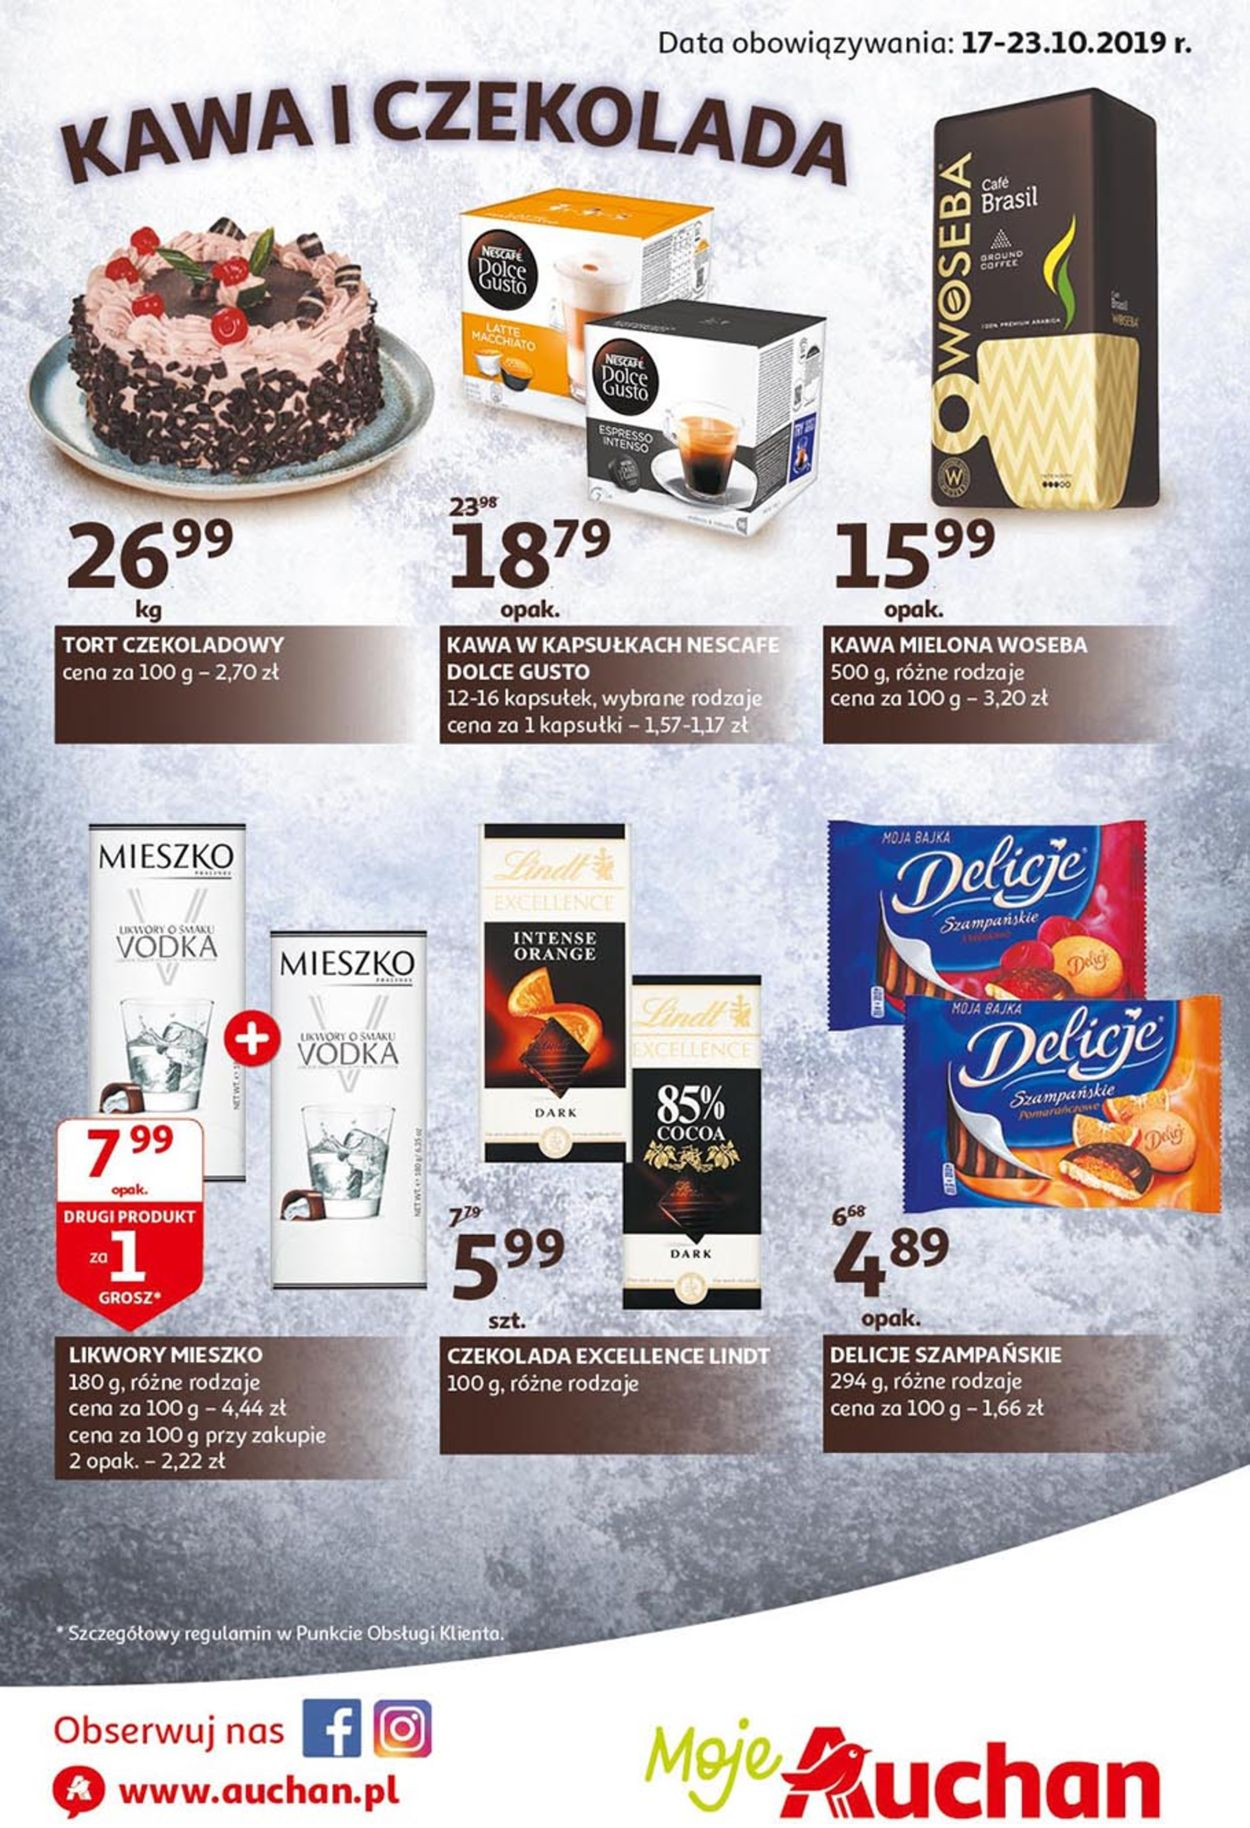 Gazetka promocyjna Auchan - 17.10-23.10.2019